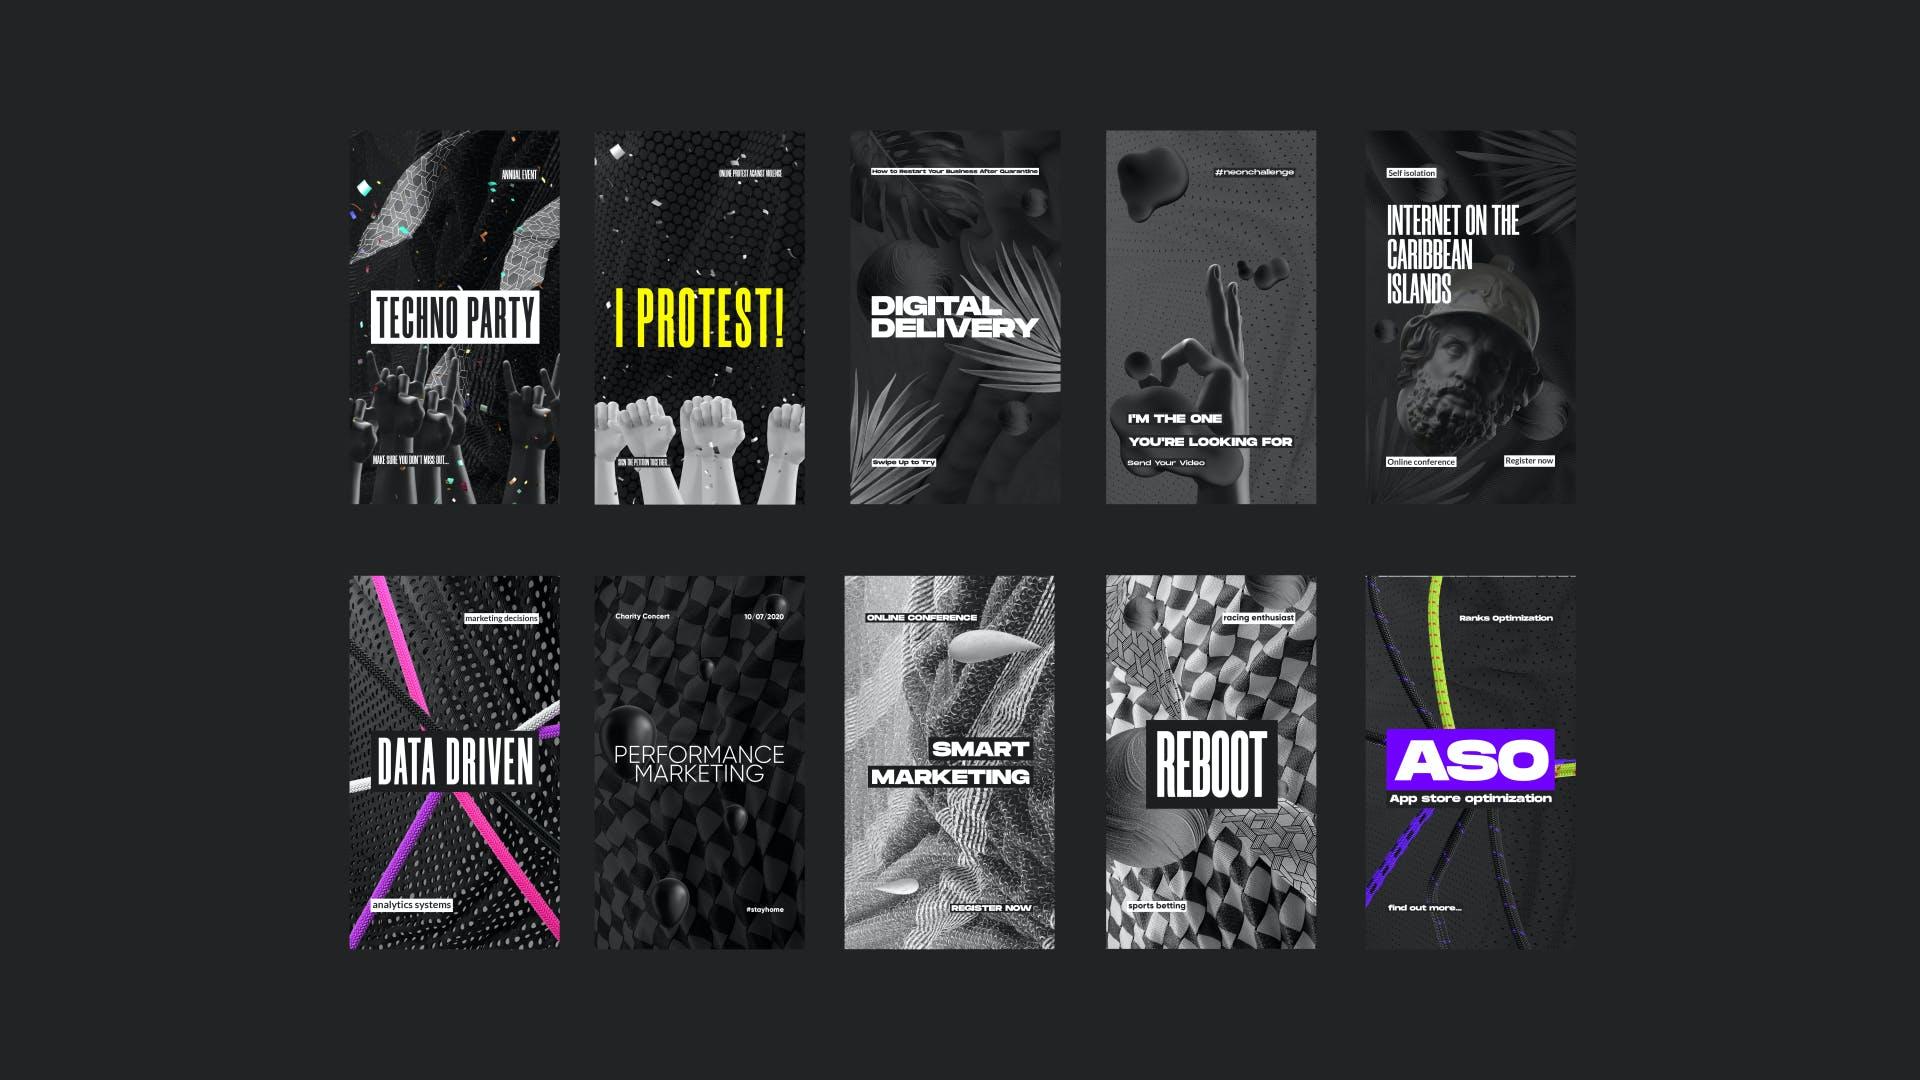 黑色潮牌新媒体推广电商海报设计模板合集 Black Social Media Pack插图(4)